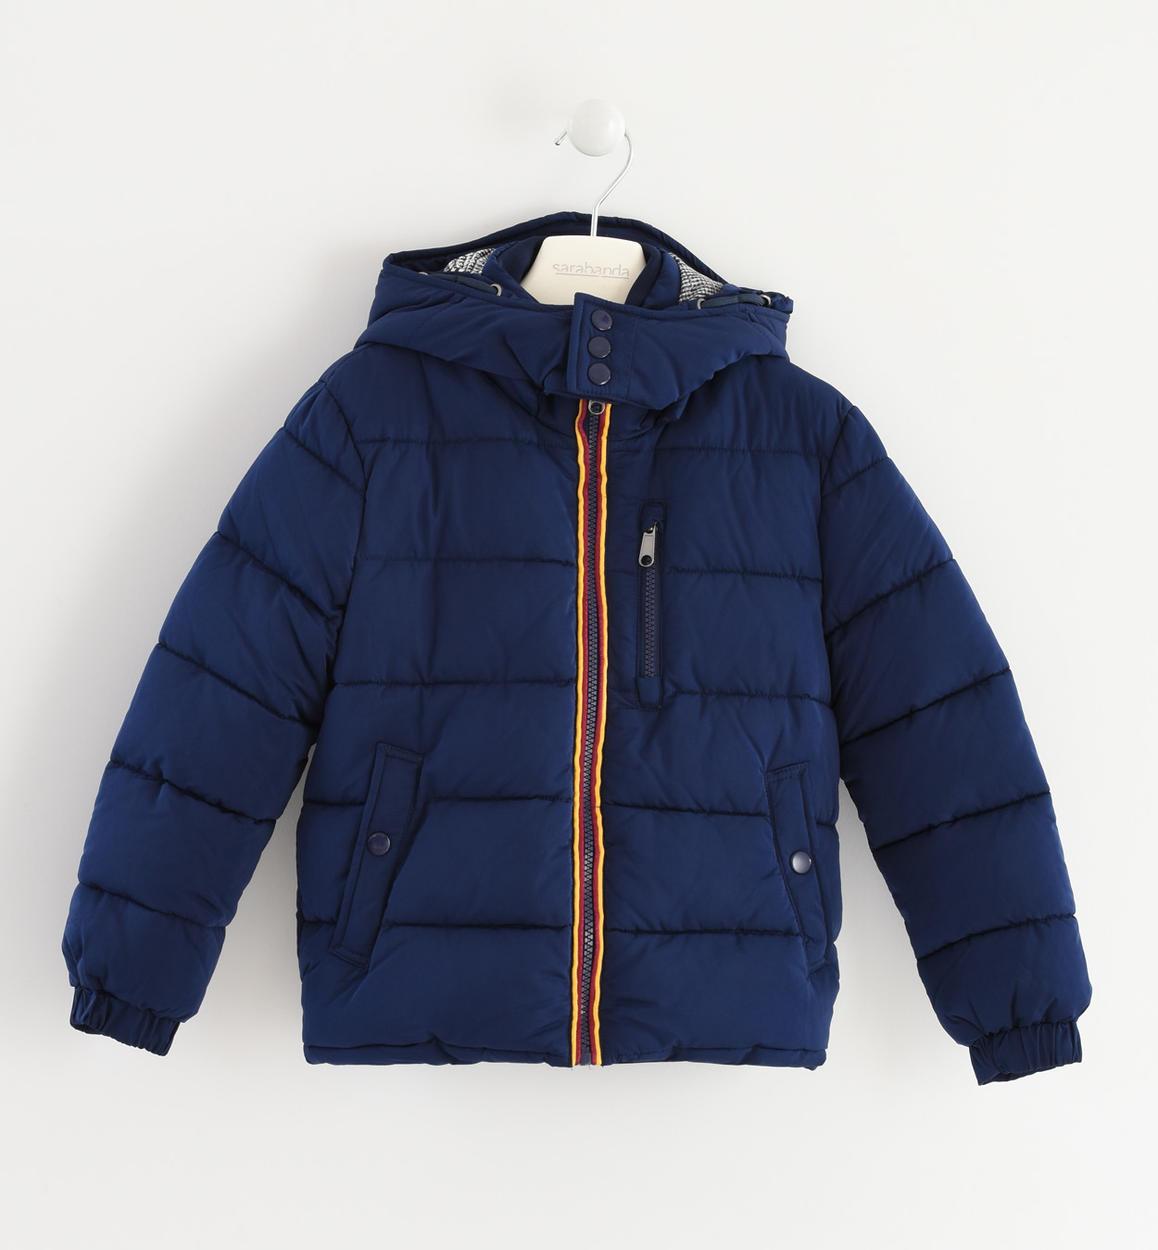 best website 201c1 330cb Piumino invernale con cappuccio staccabile per bambino da 6 a 16 anni  Sarabanda